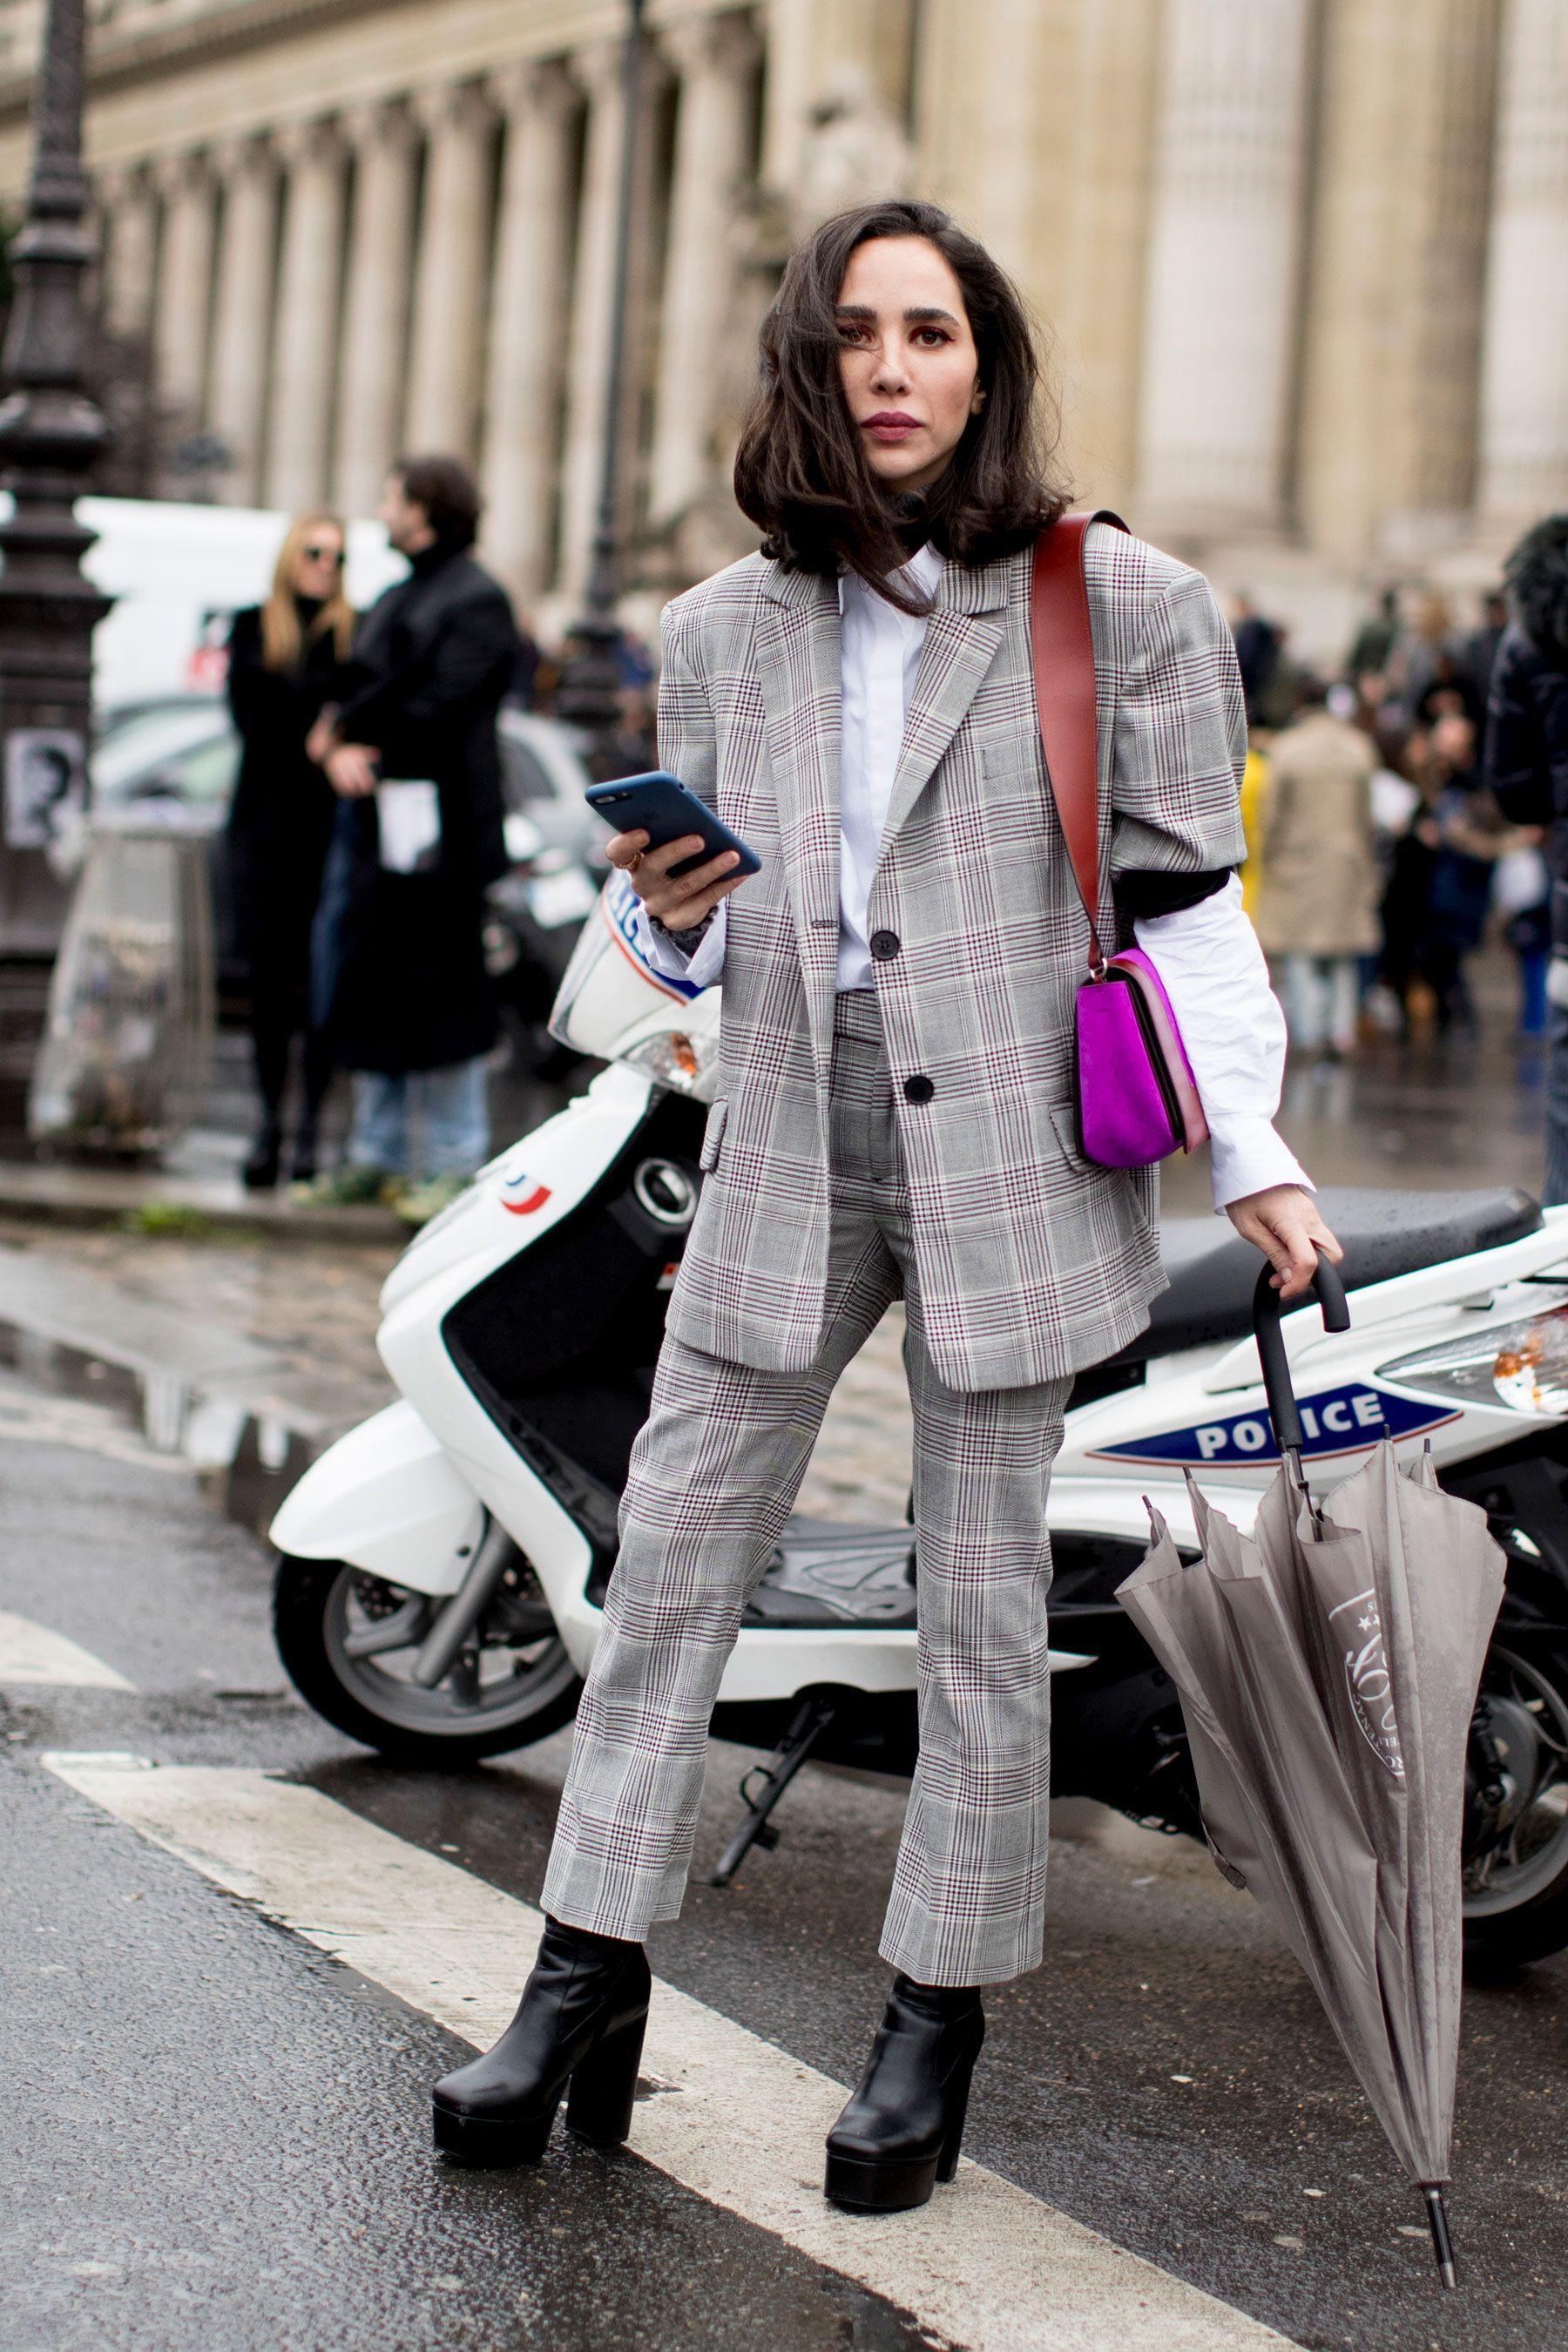 áo blazer oversized - món đồ thời trang cho cô nàng lười